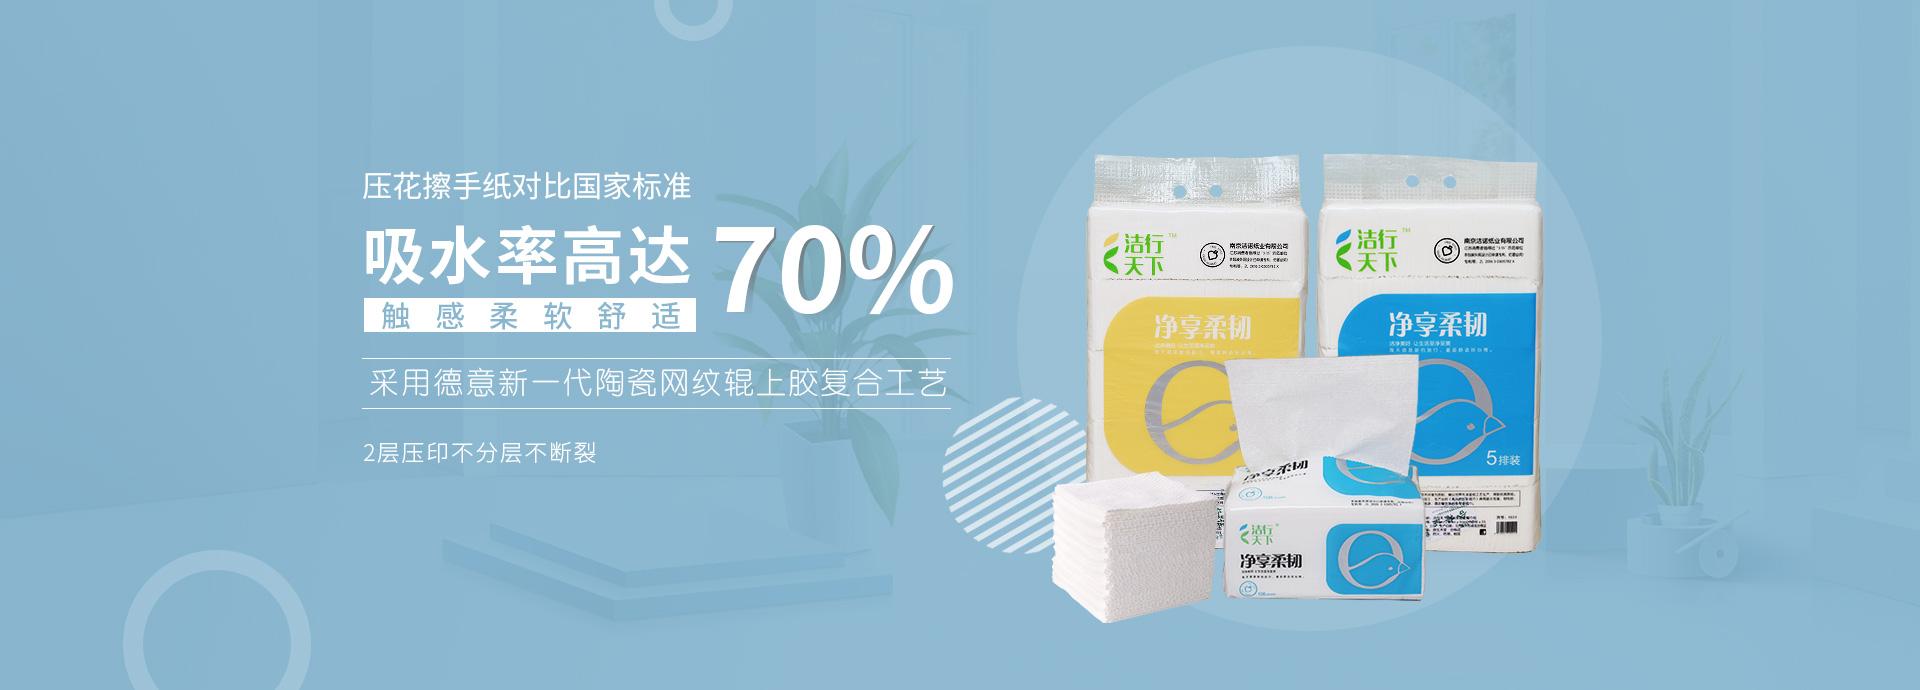 洁诺压花擦手纸对比国家标准吸水高达70%